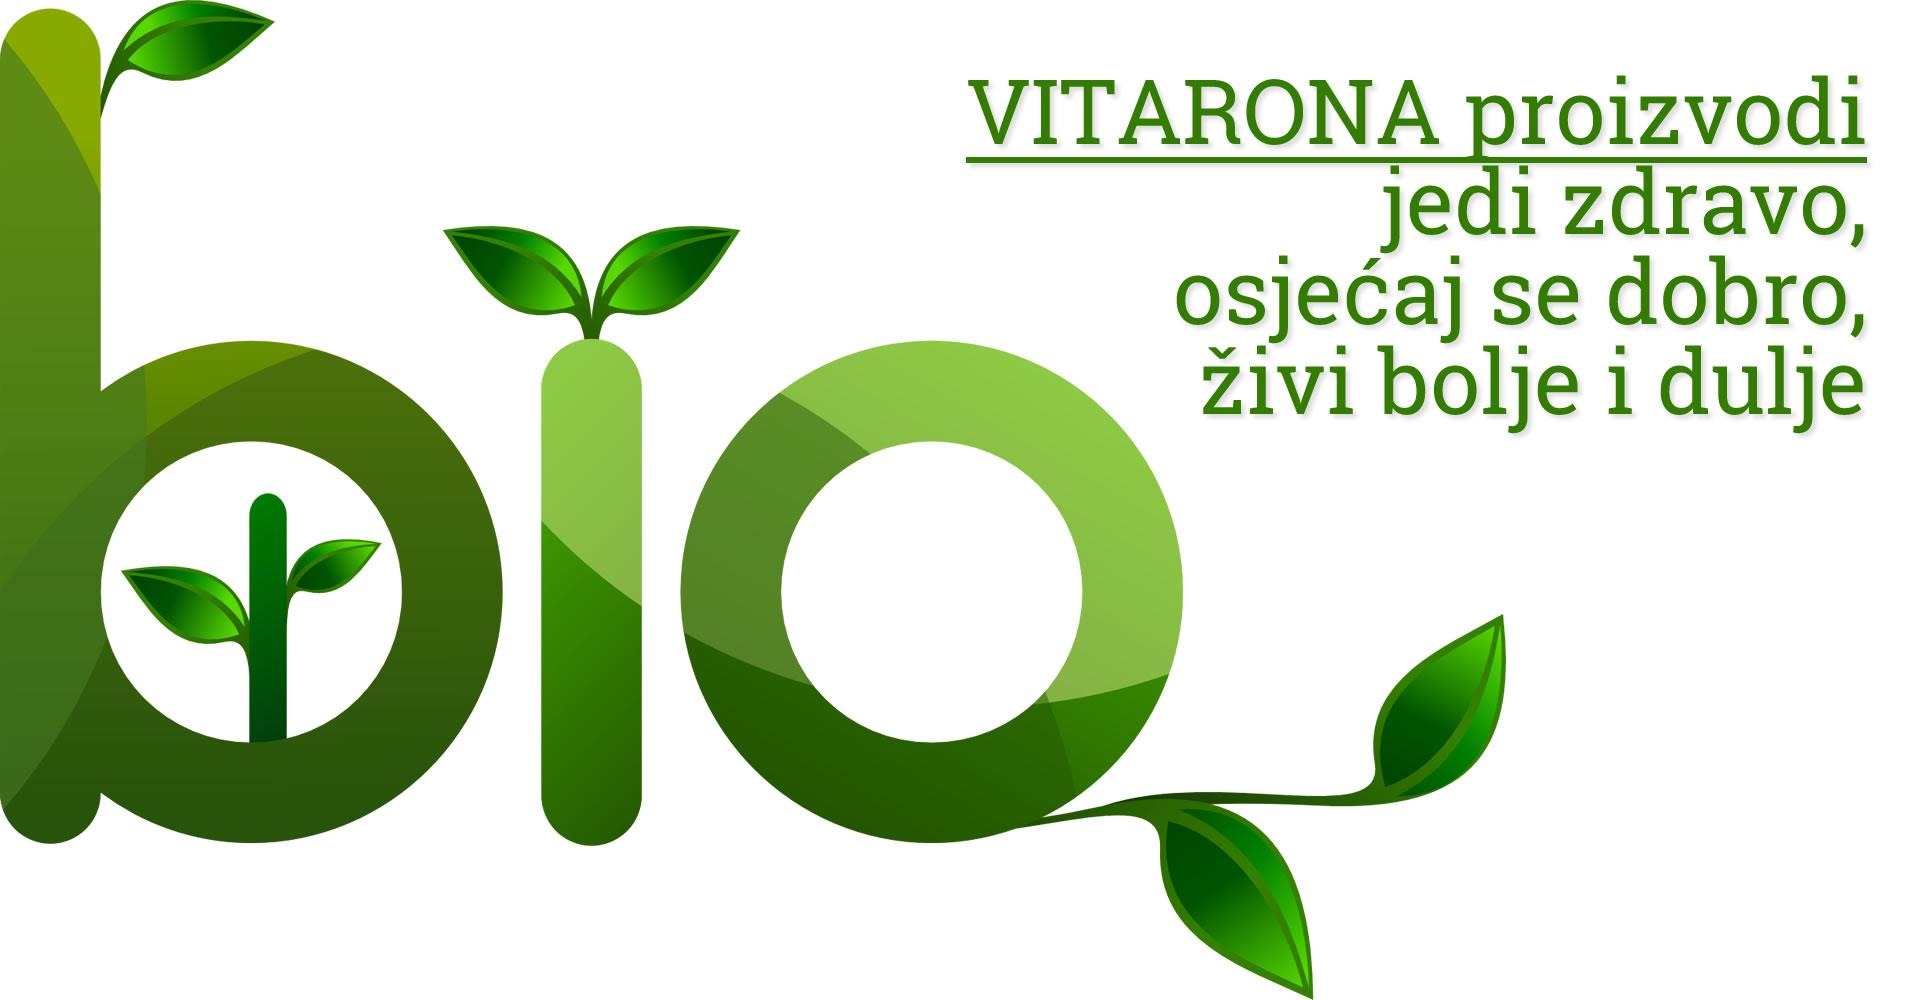 Aronija - ekološki uzgoj i proizvodi